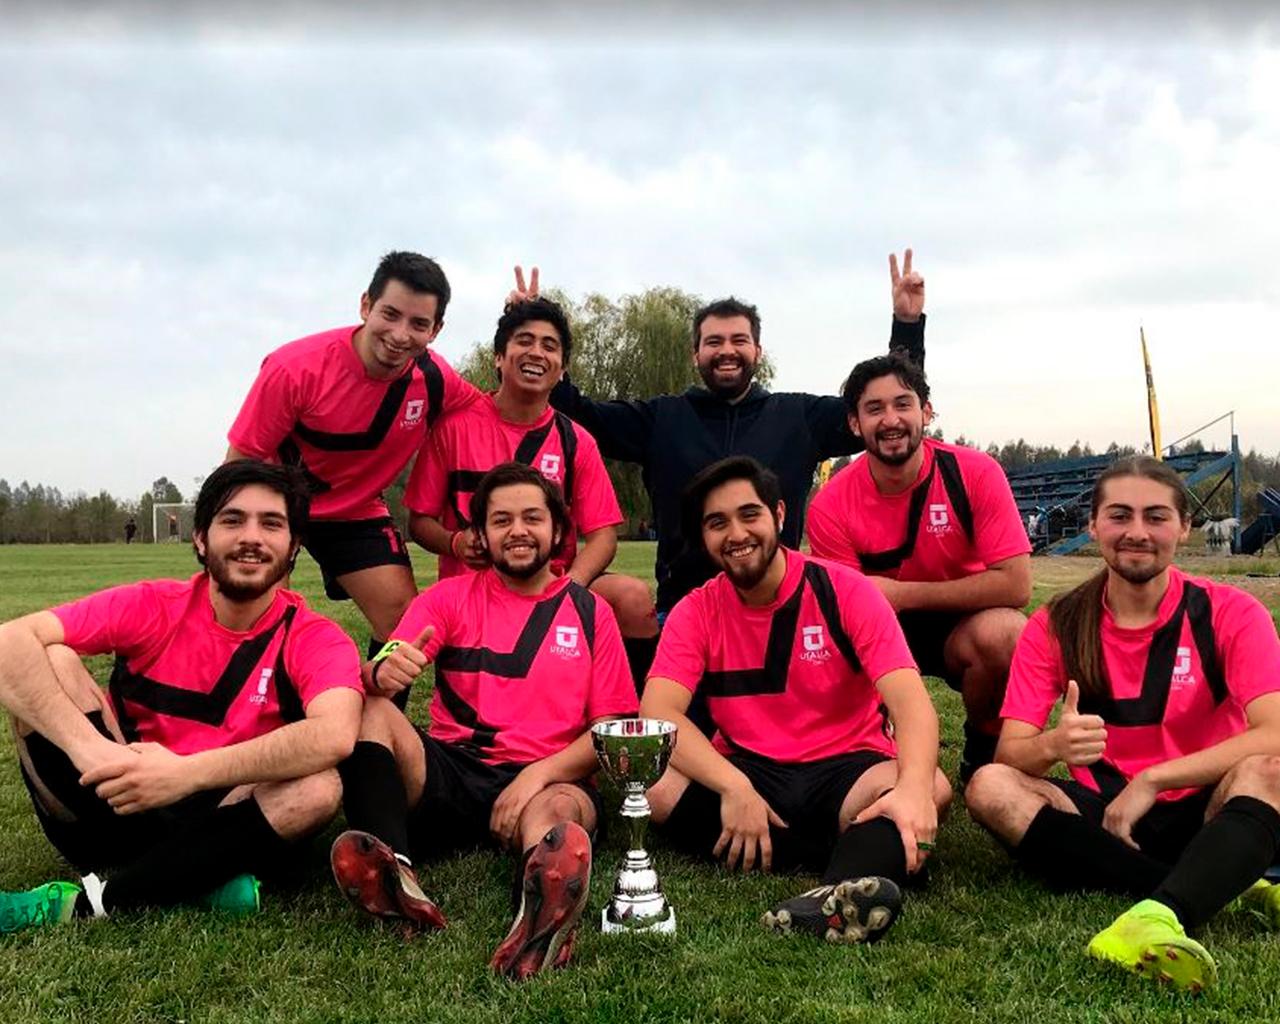 Equipo de Linares obtiene triunfo en futbolito